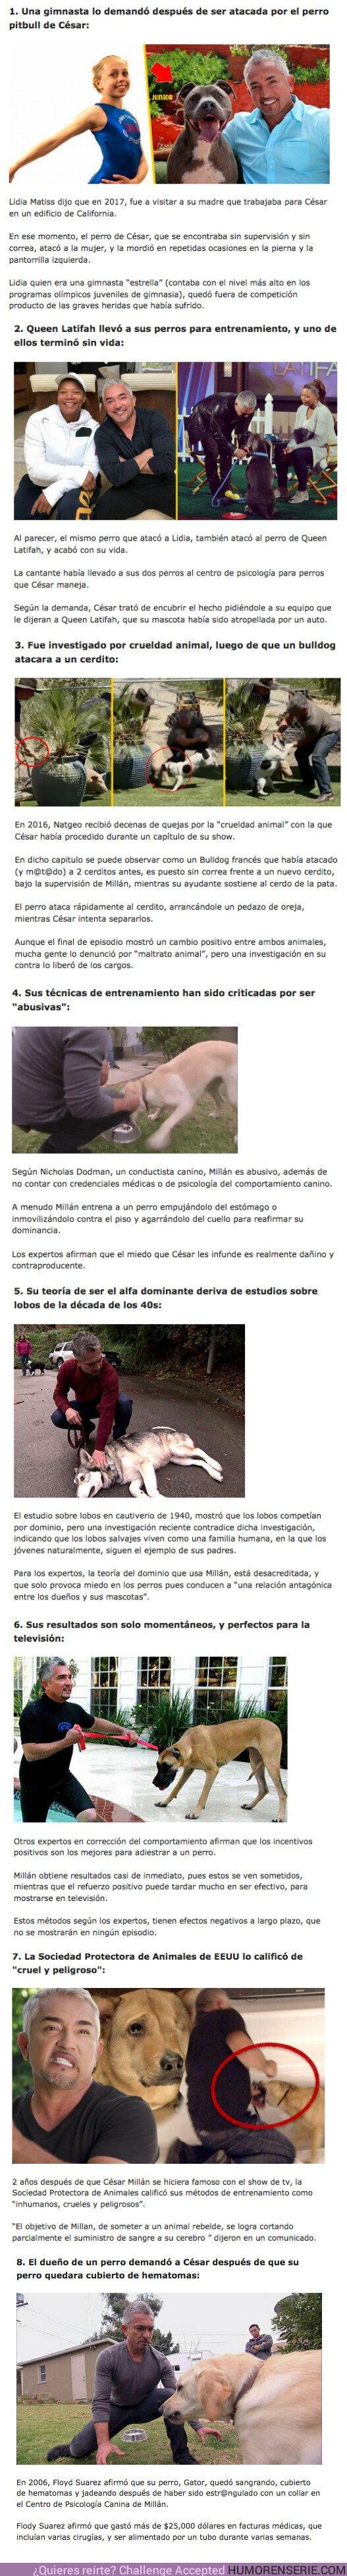 80957 - GALERÍA: 8 Escándalos protagonizados por César Millán, el encantador de perros